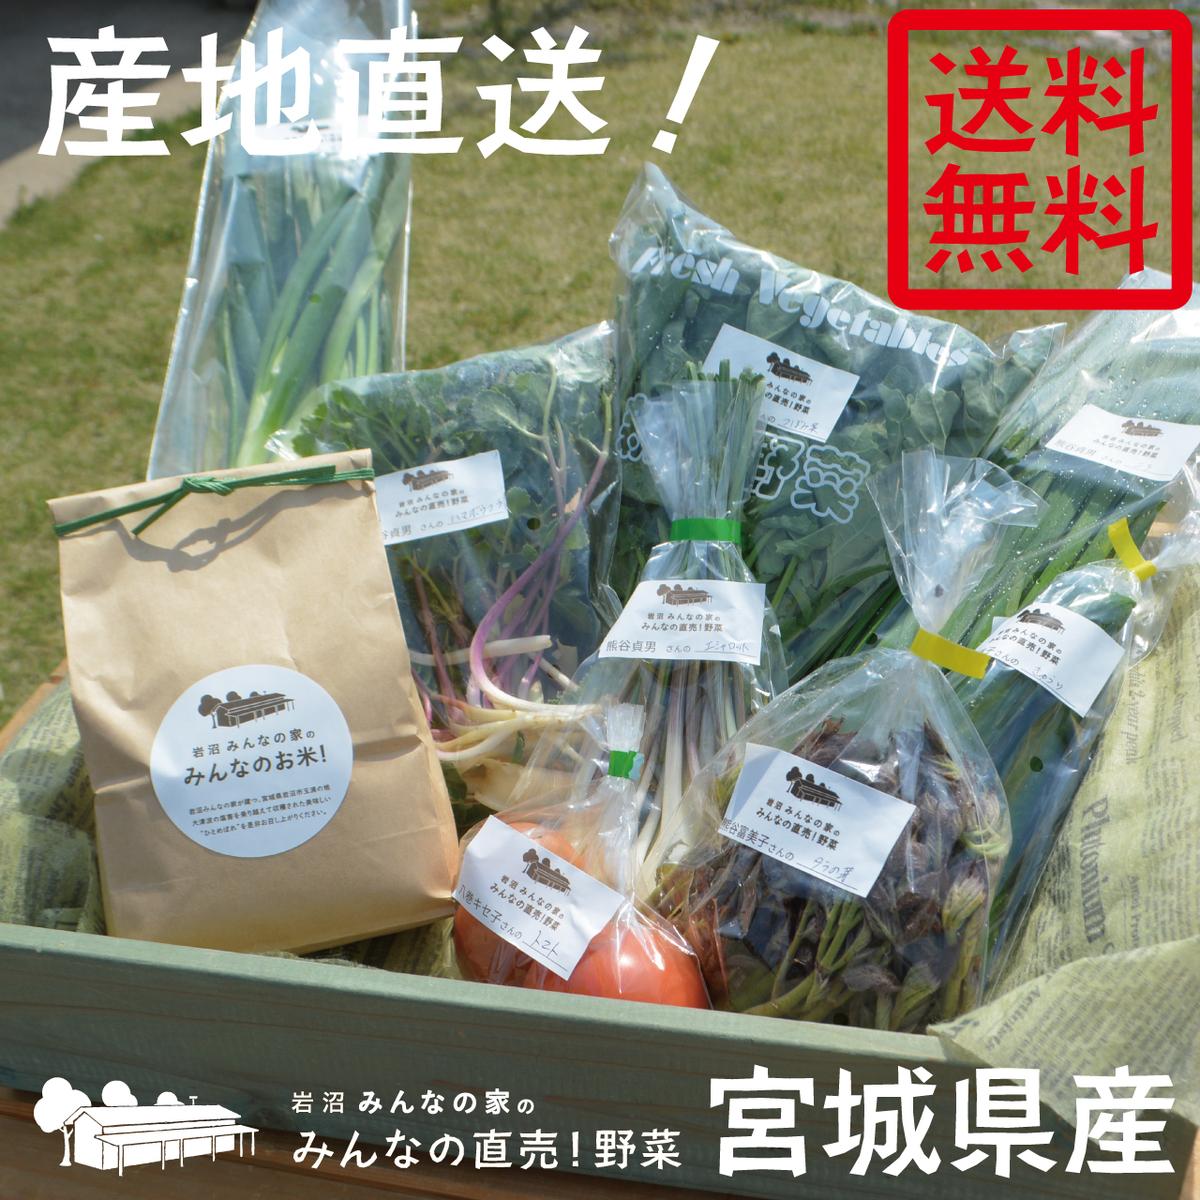 宮城県岩沼市の玉浦地区で育った みんなのお米 1kg ひとめぼれ と みんなの直売 直売野菜7~8種 お米1kg 野菜詰め合わせセット の新鮮野菜詰め合わせセットをお届けします 流行 メーカー直売 岩沼みんなの家のお米